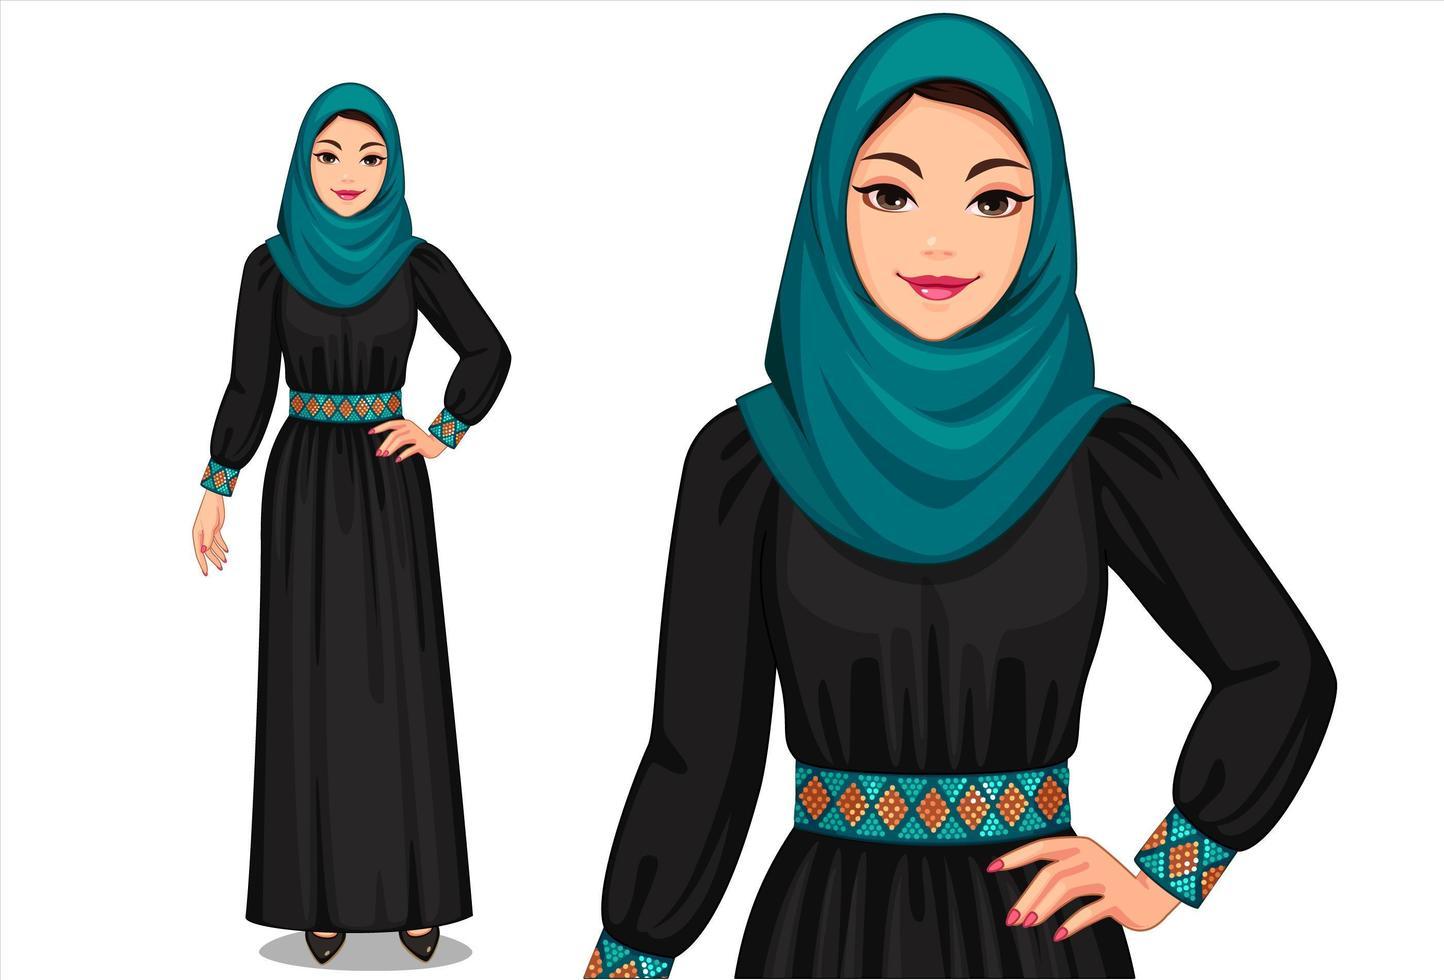 mujeres musulmanas en traje tradicional vector